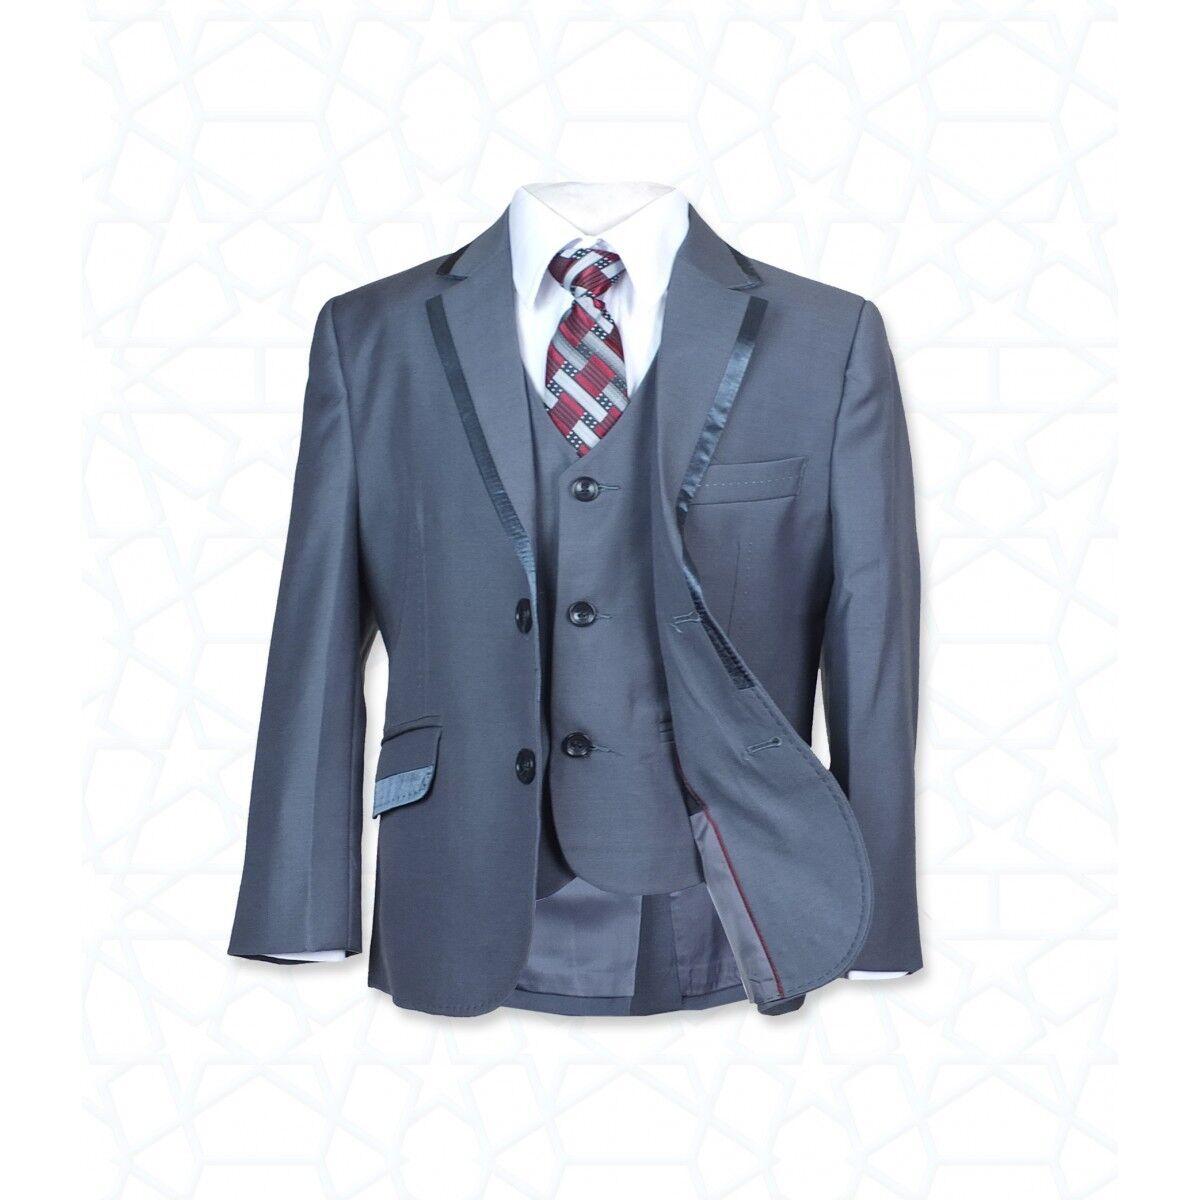 best service a1e03 38479 gilet completo panciot Abito elegante giacca paggetto ...